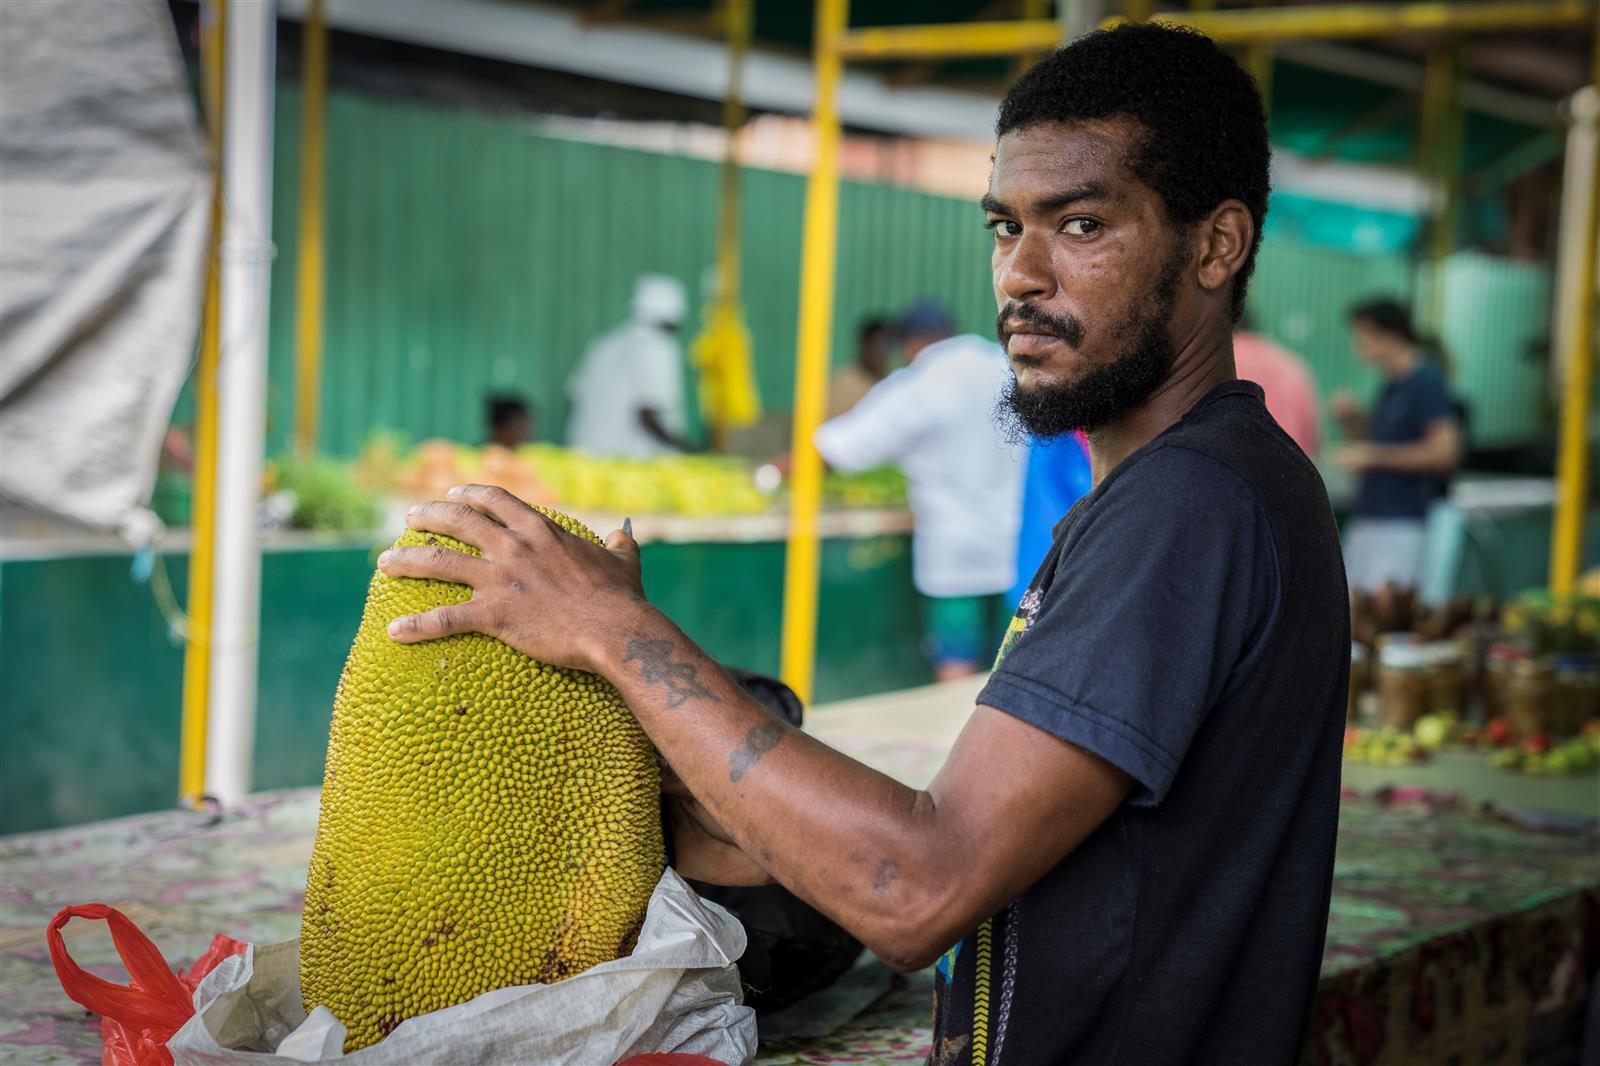 השוק המקומי באי מאהה (צילום: איתמר קוטלר) (צילום: איתמר קוטלר)